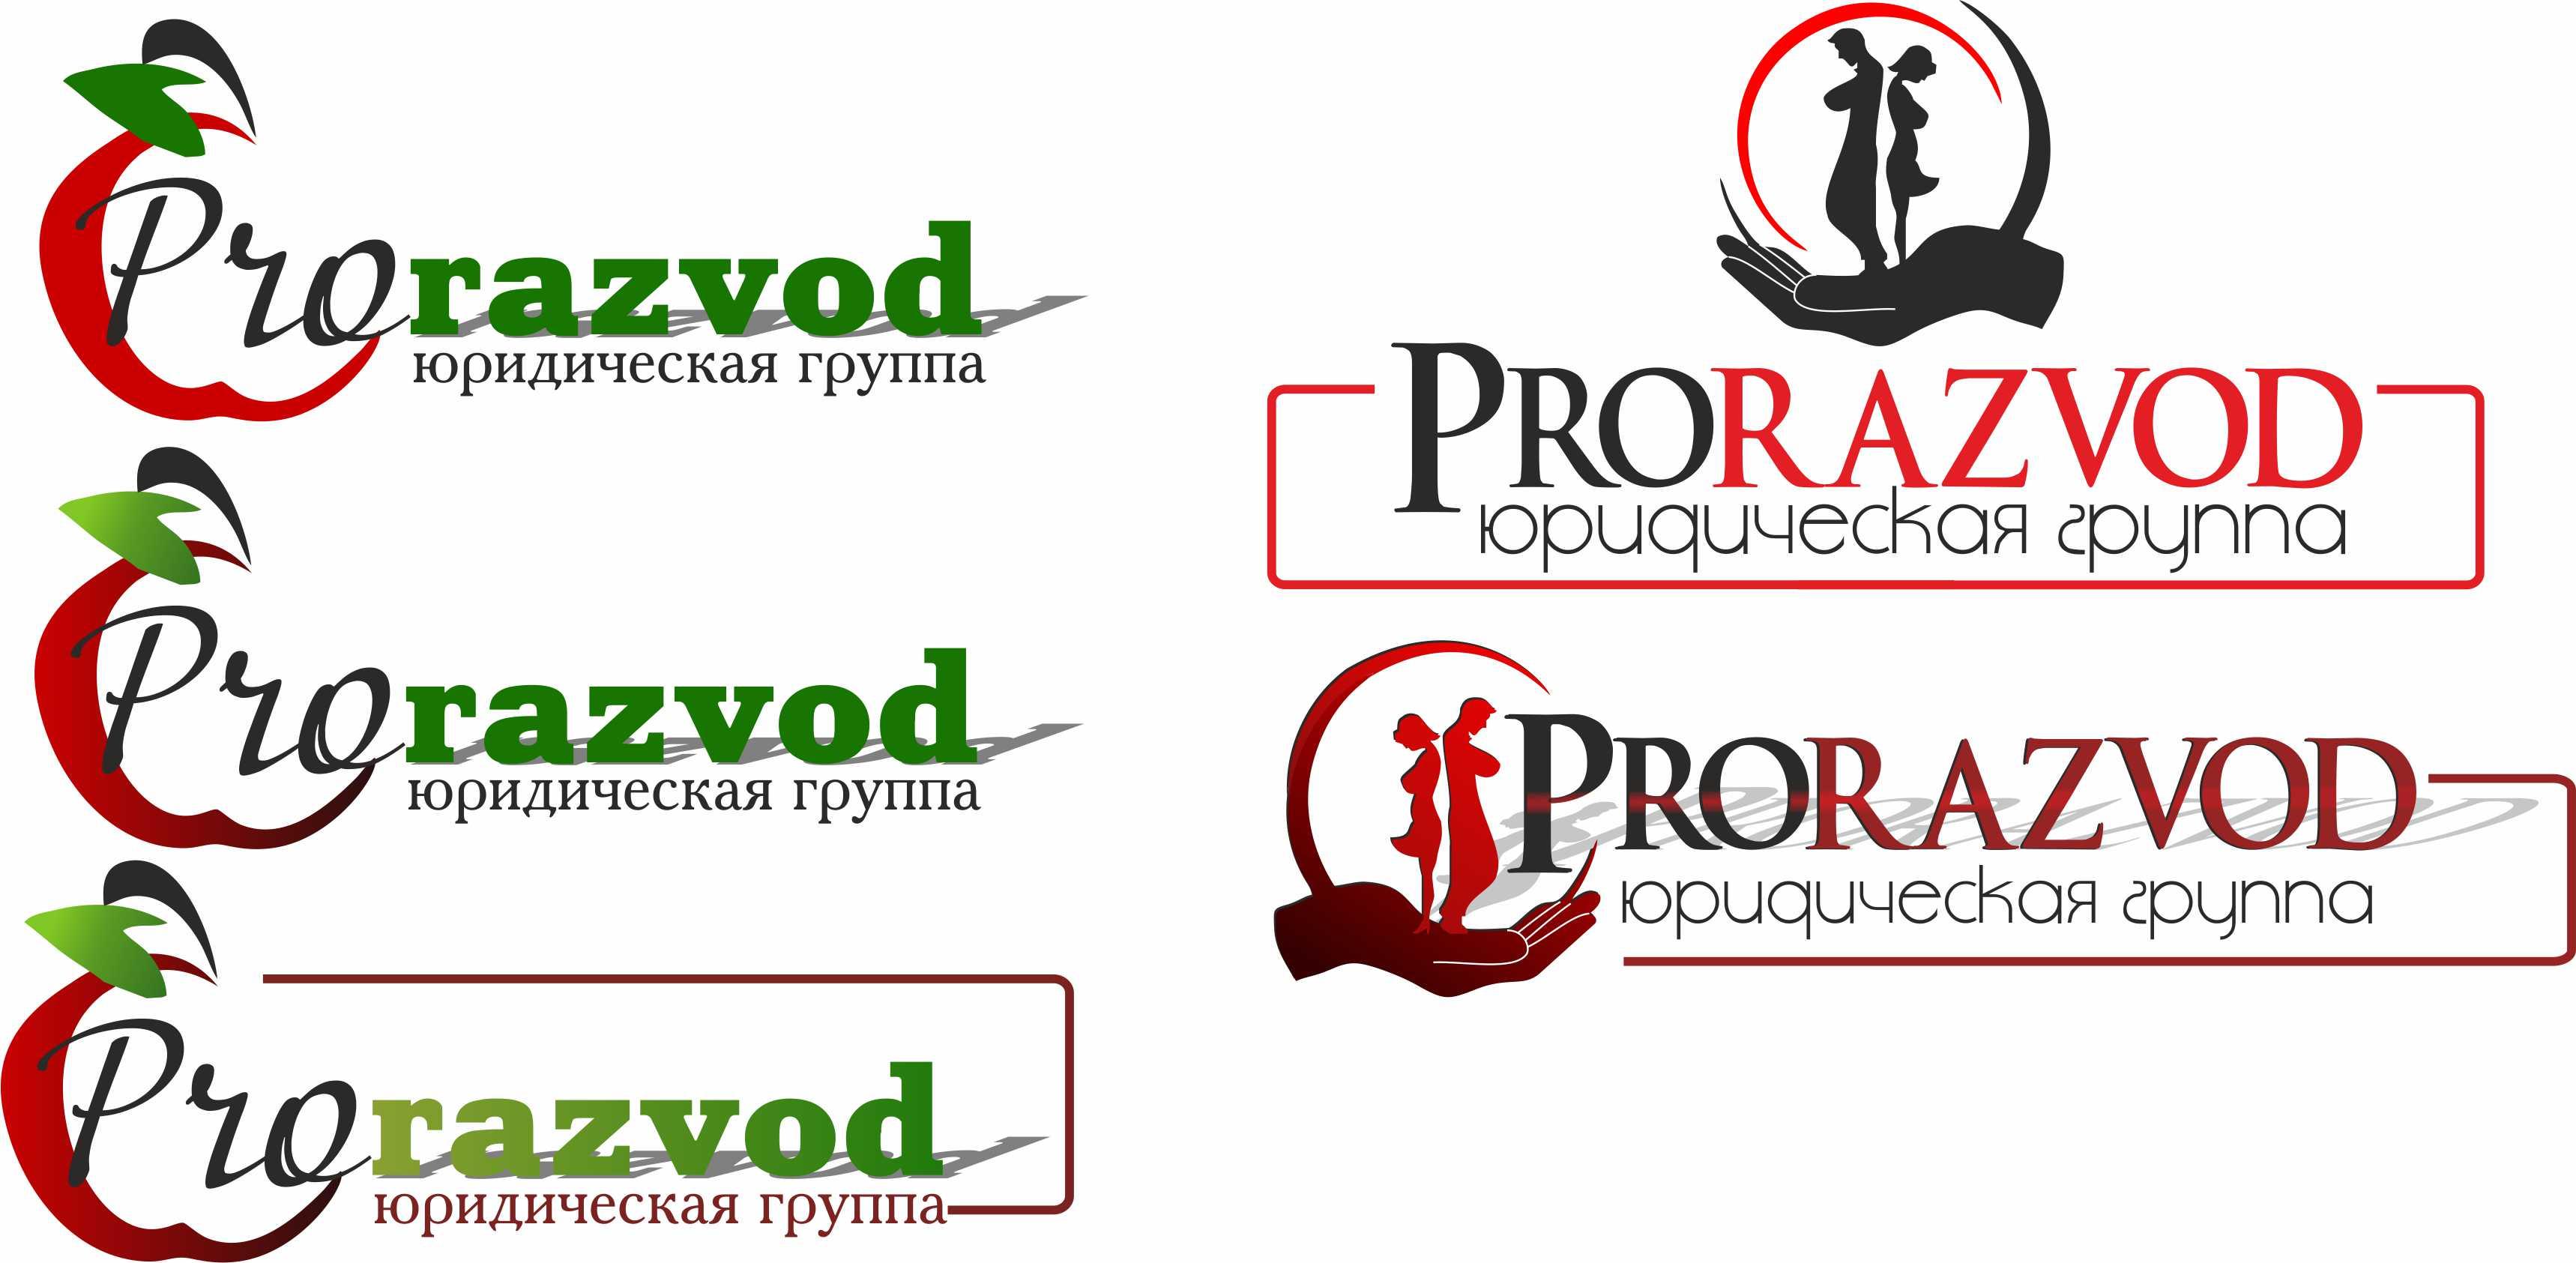 Логотип и фирм стиль для бракоразводного агенства. фото f_139587687630d8de.jpg